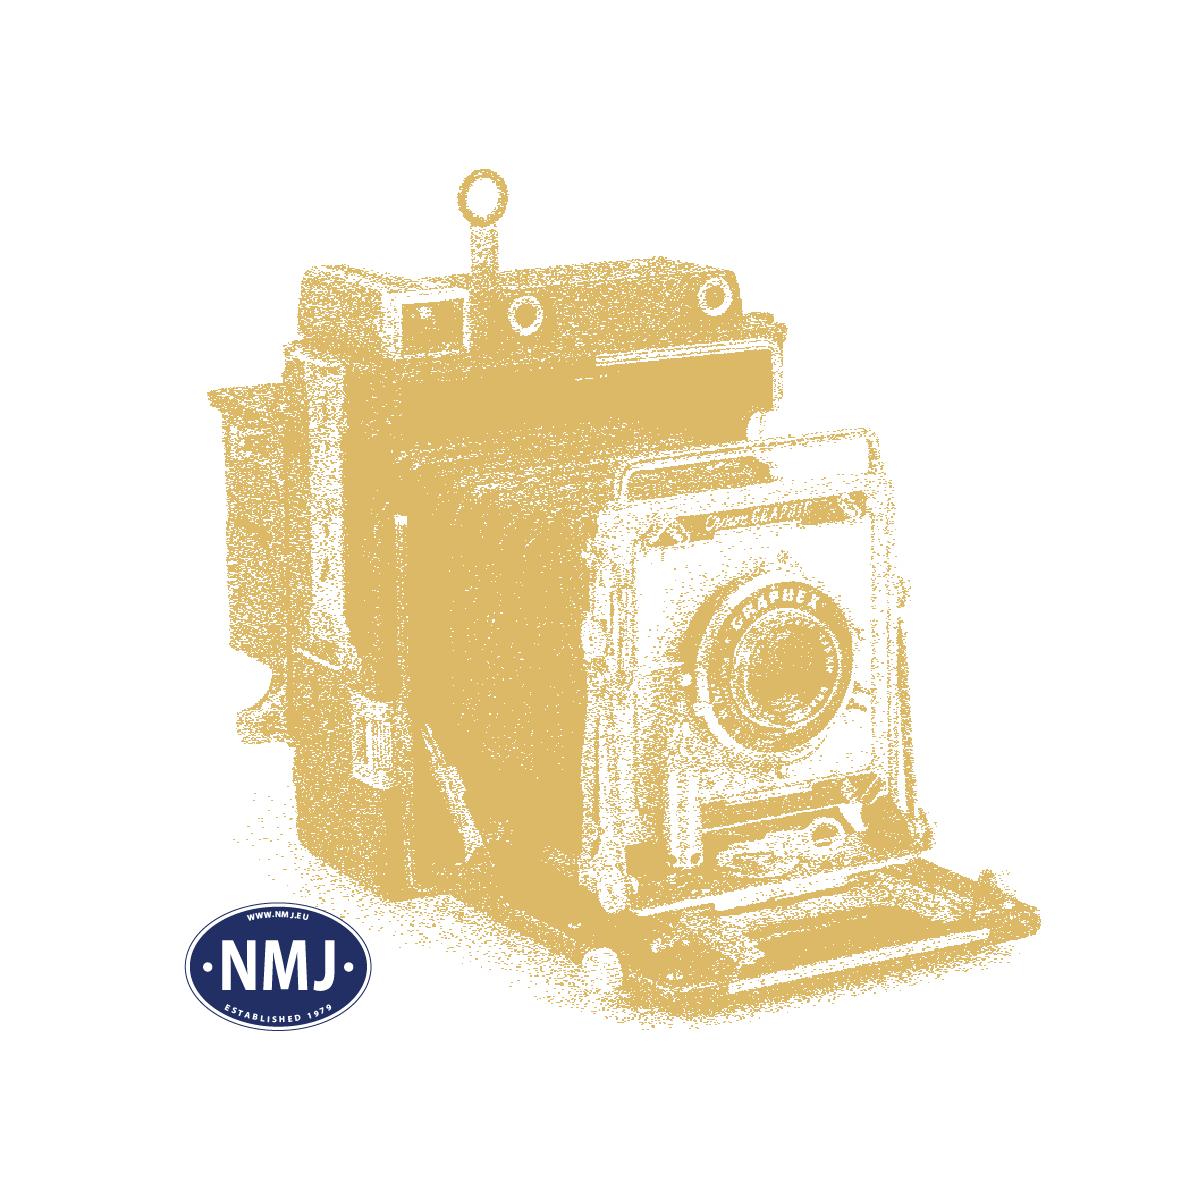 NMJT120.991 - NMJ Topline NSB B7 Radstromabnahmekontakte, 1 Paar (2 Stk.)